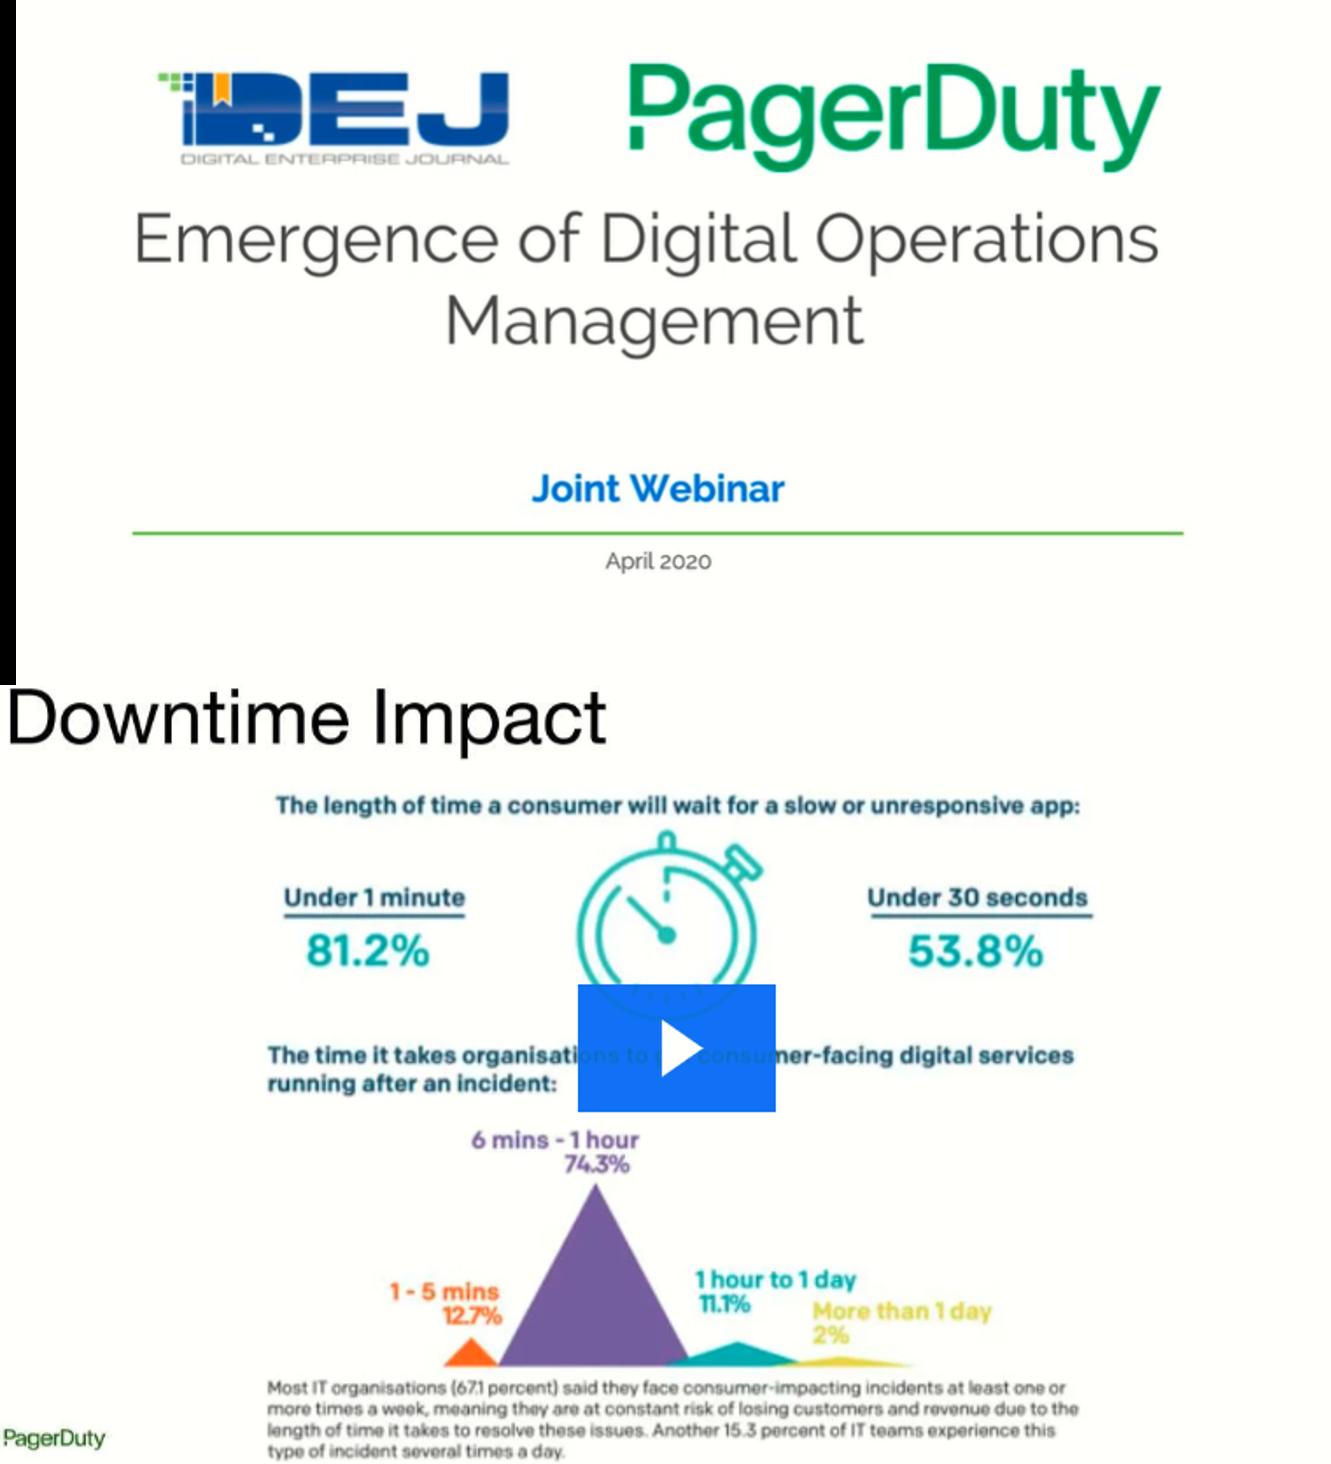 La aparición de la gestión de operaciones digitales